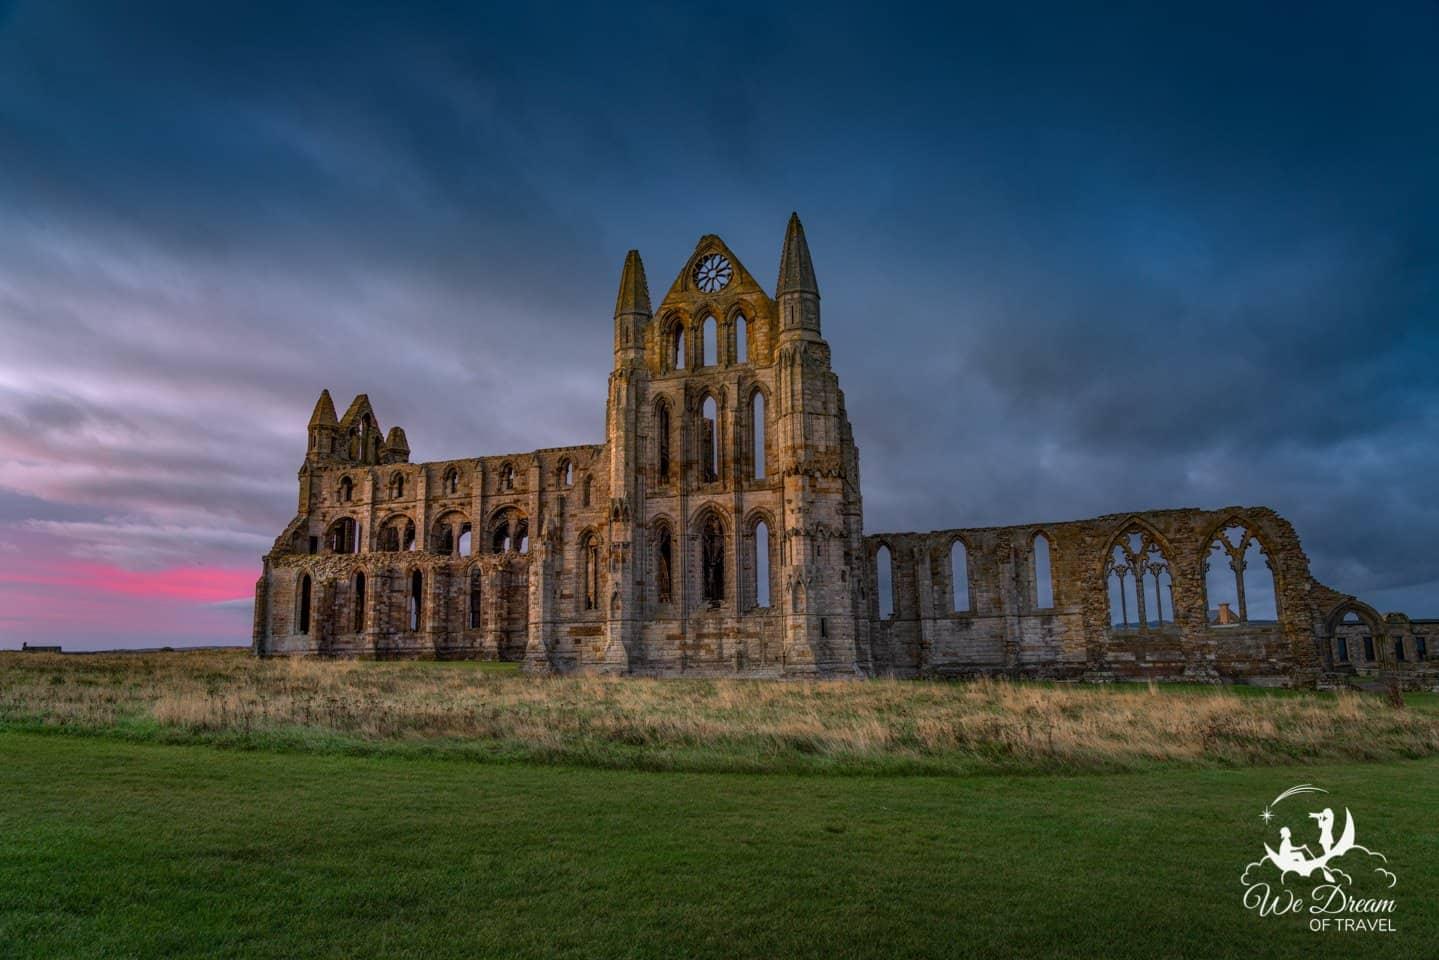 Sunrise photography of Whitby Abbey.